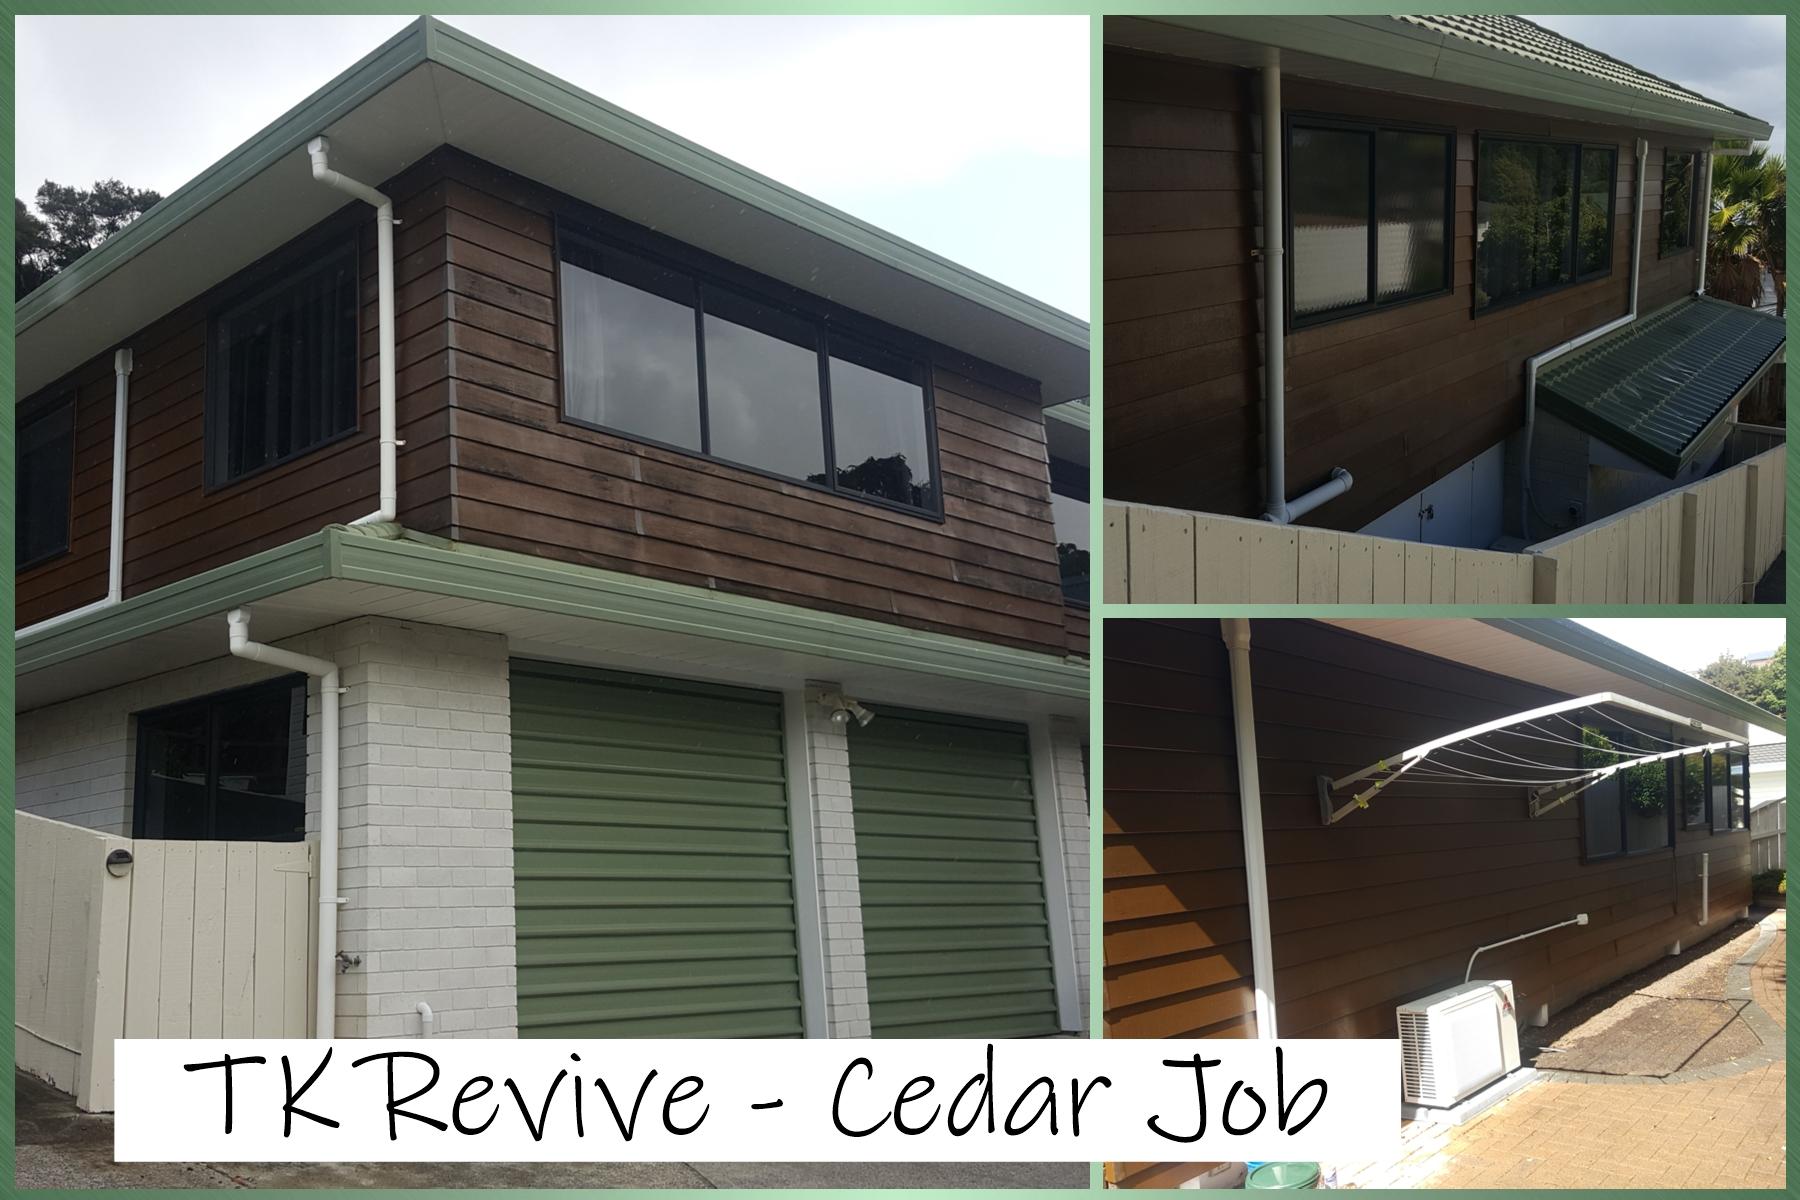 Noel - Cedar Job - Torbay.jpg